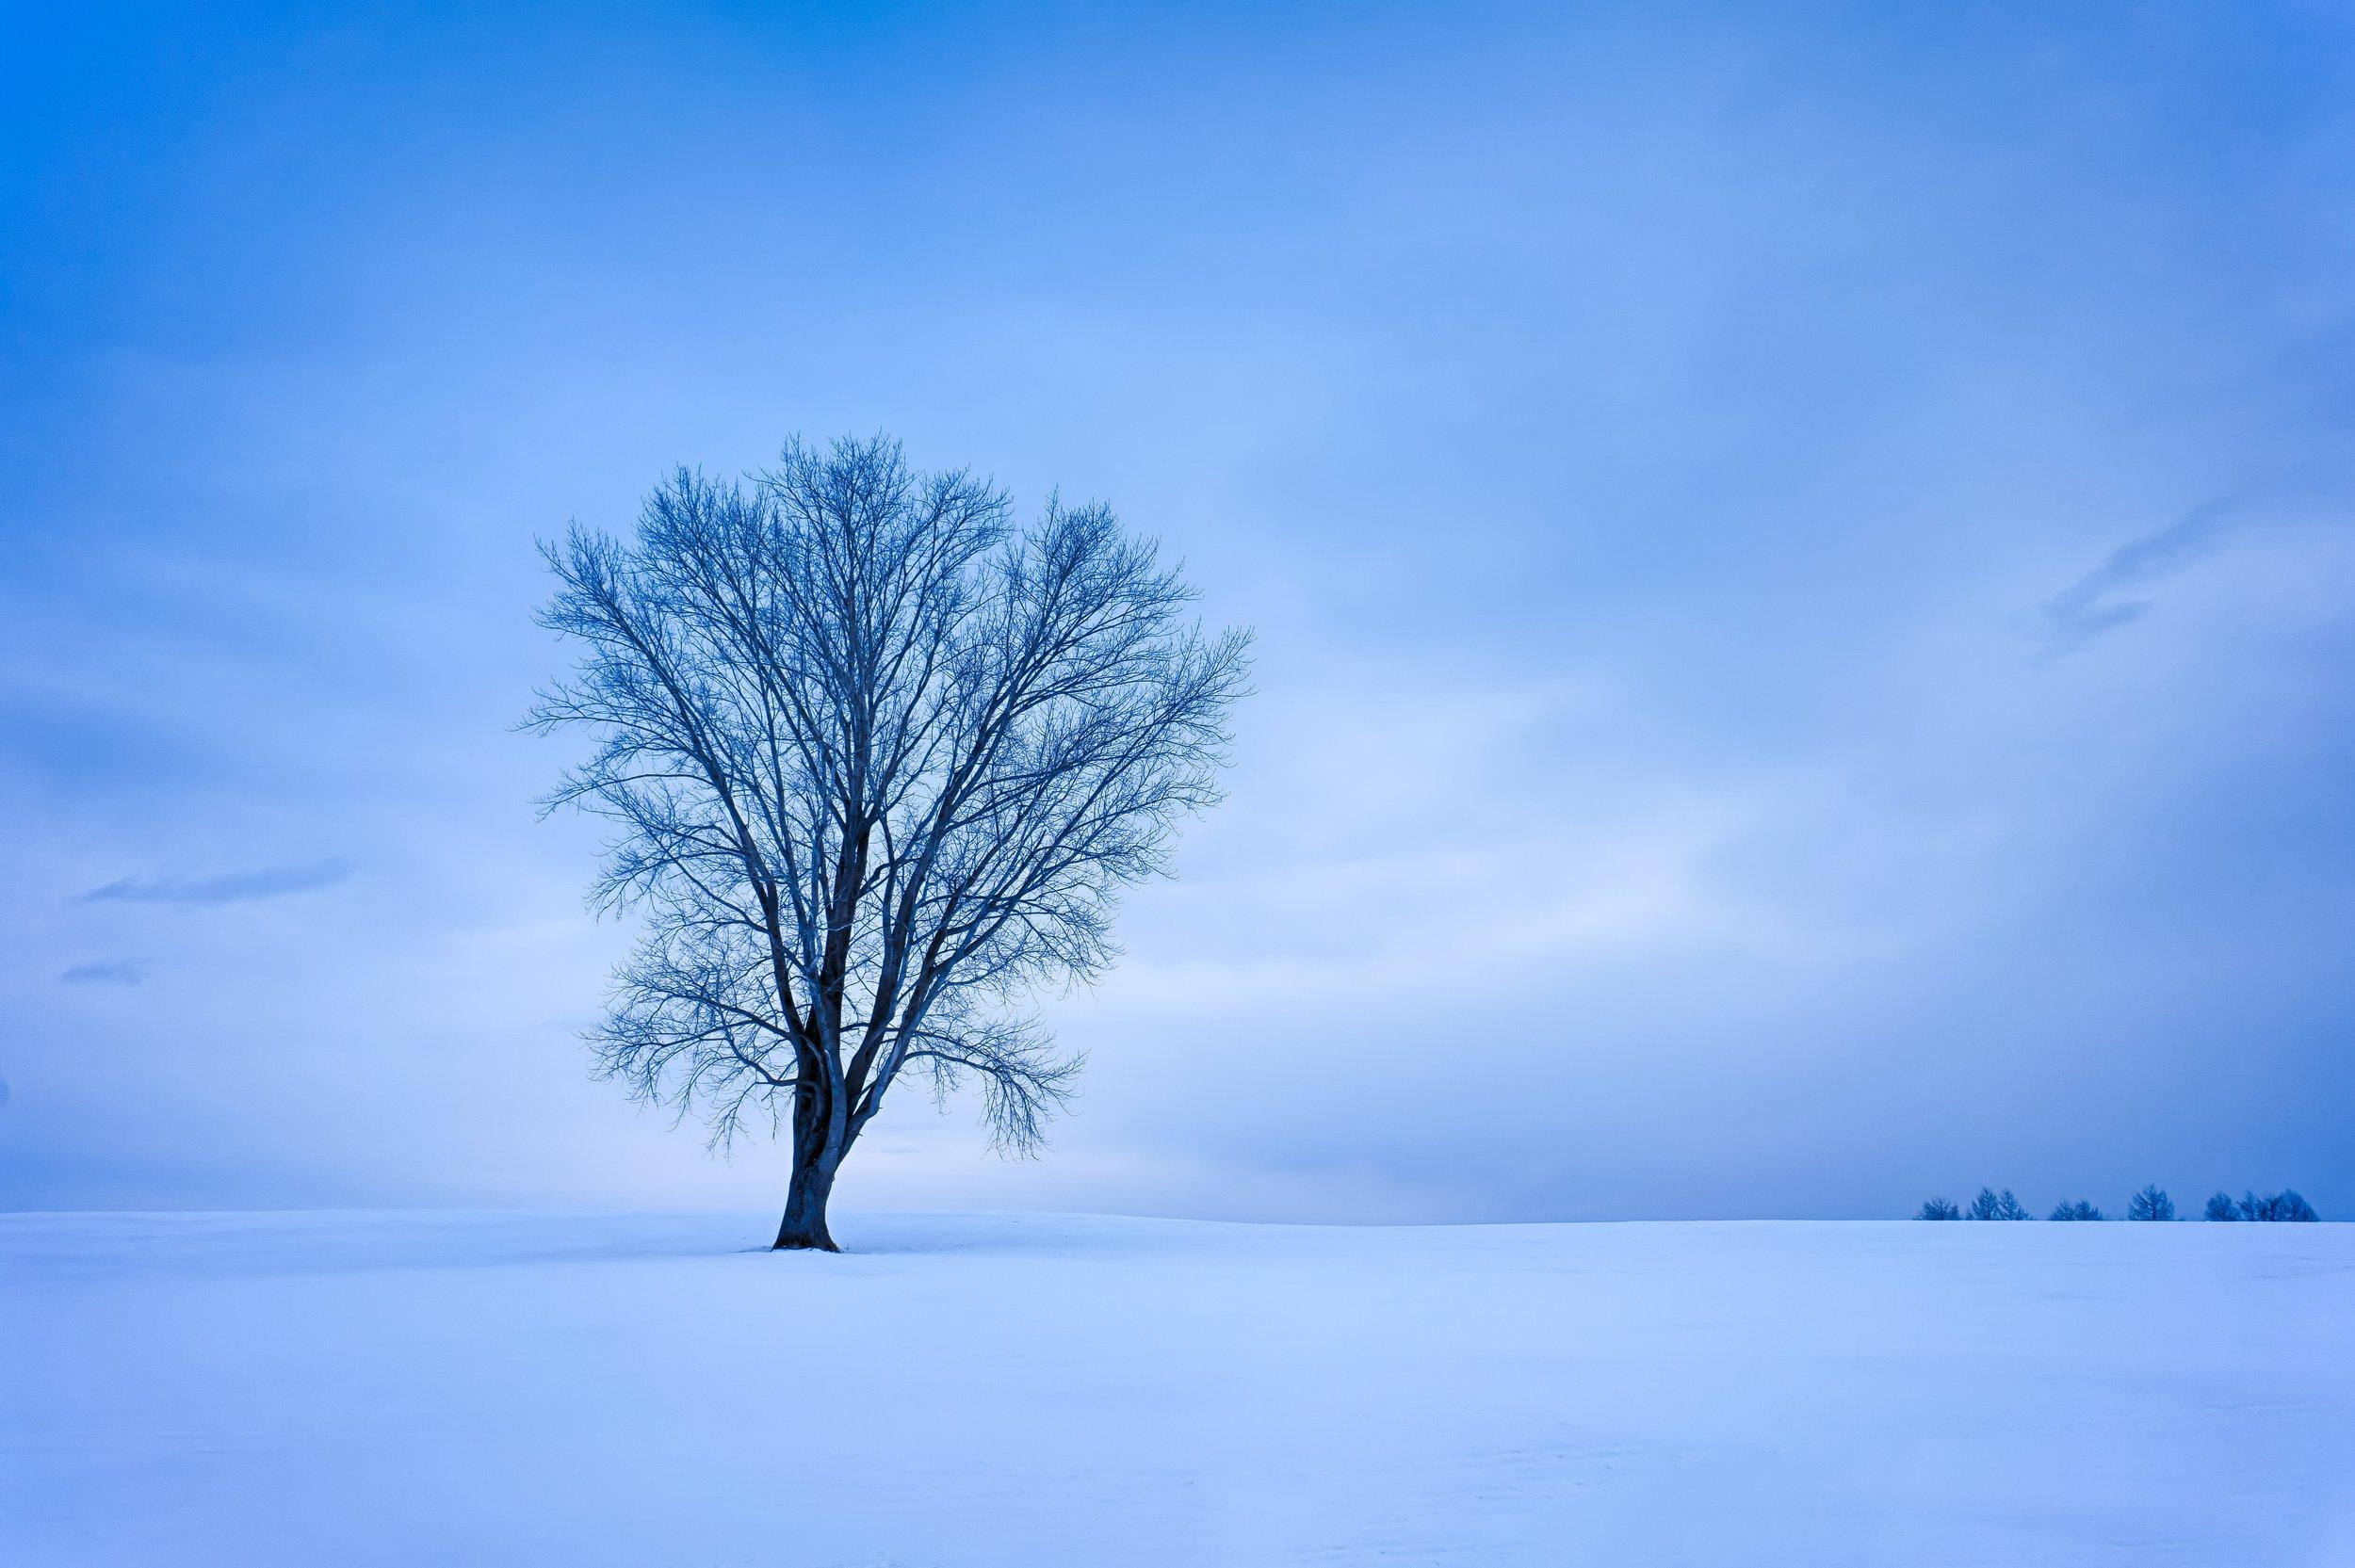 PHOTOGRAPHY: Andy Yee • Sony Sony a7R • E 10-18mm Ƒ/4 OSS @ 14MM • Ƒ/11 • bulb• ISO 80